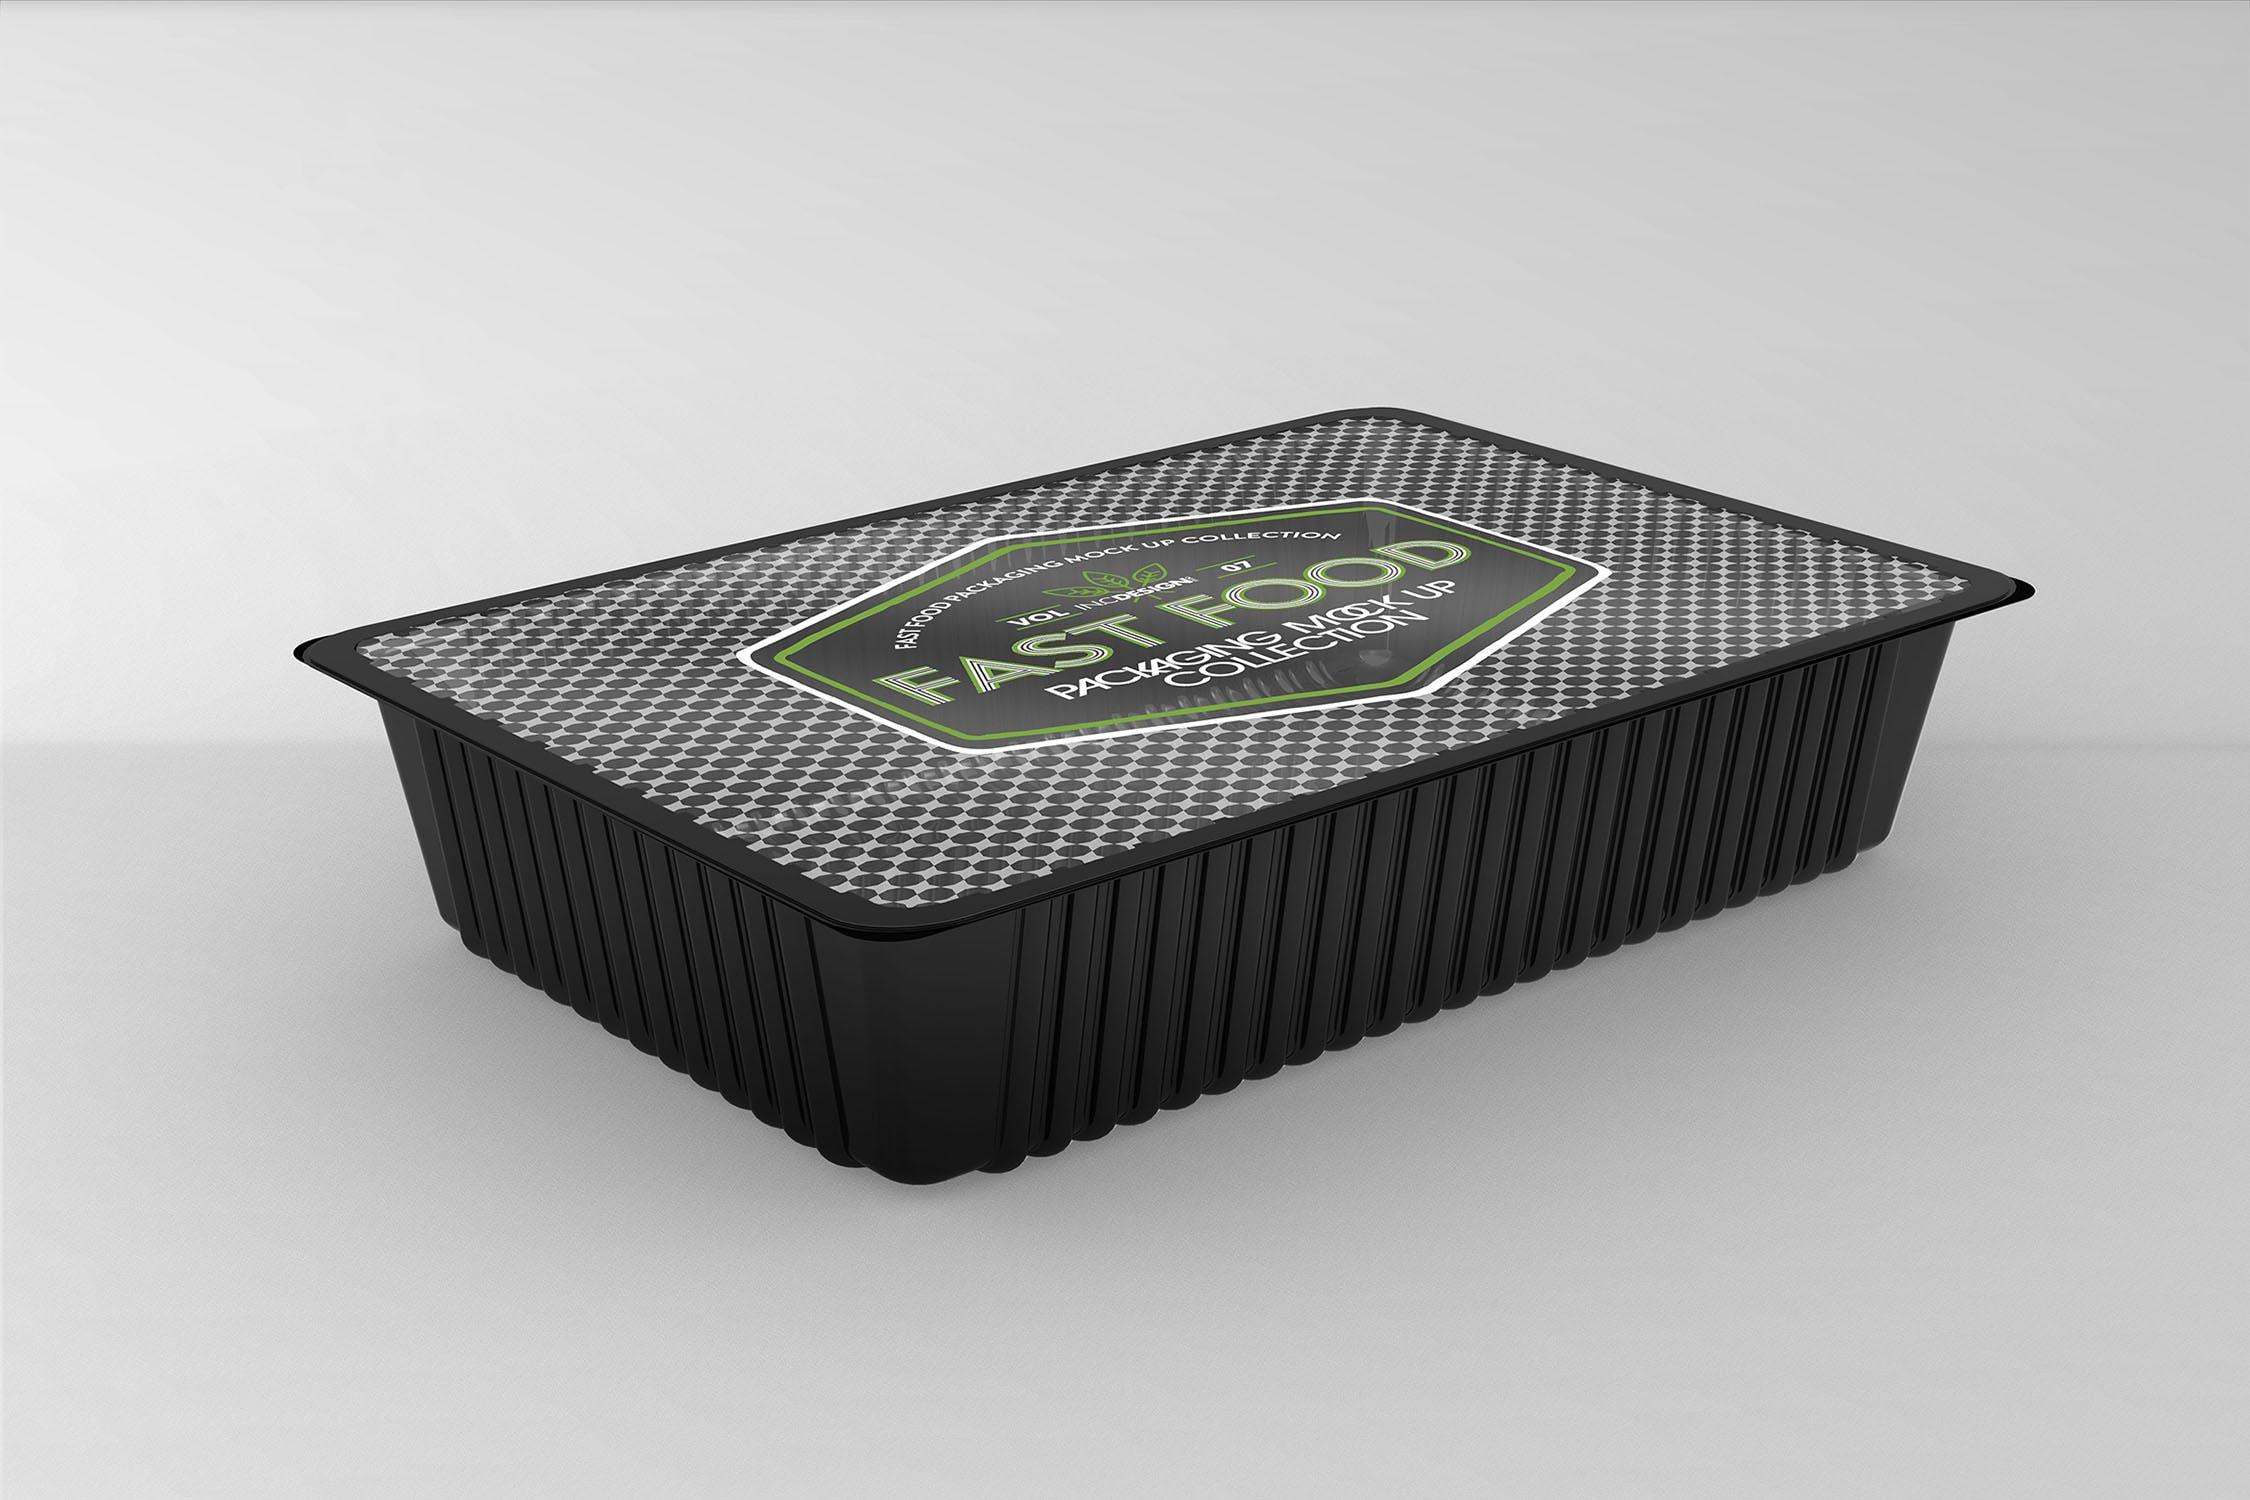 多品类快餐盒  甜点模板样机素材展示Fast Food Boxes Vol 7 Take Out Packaging Mockups插图(12)